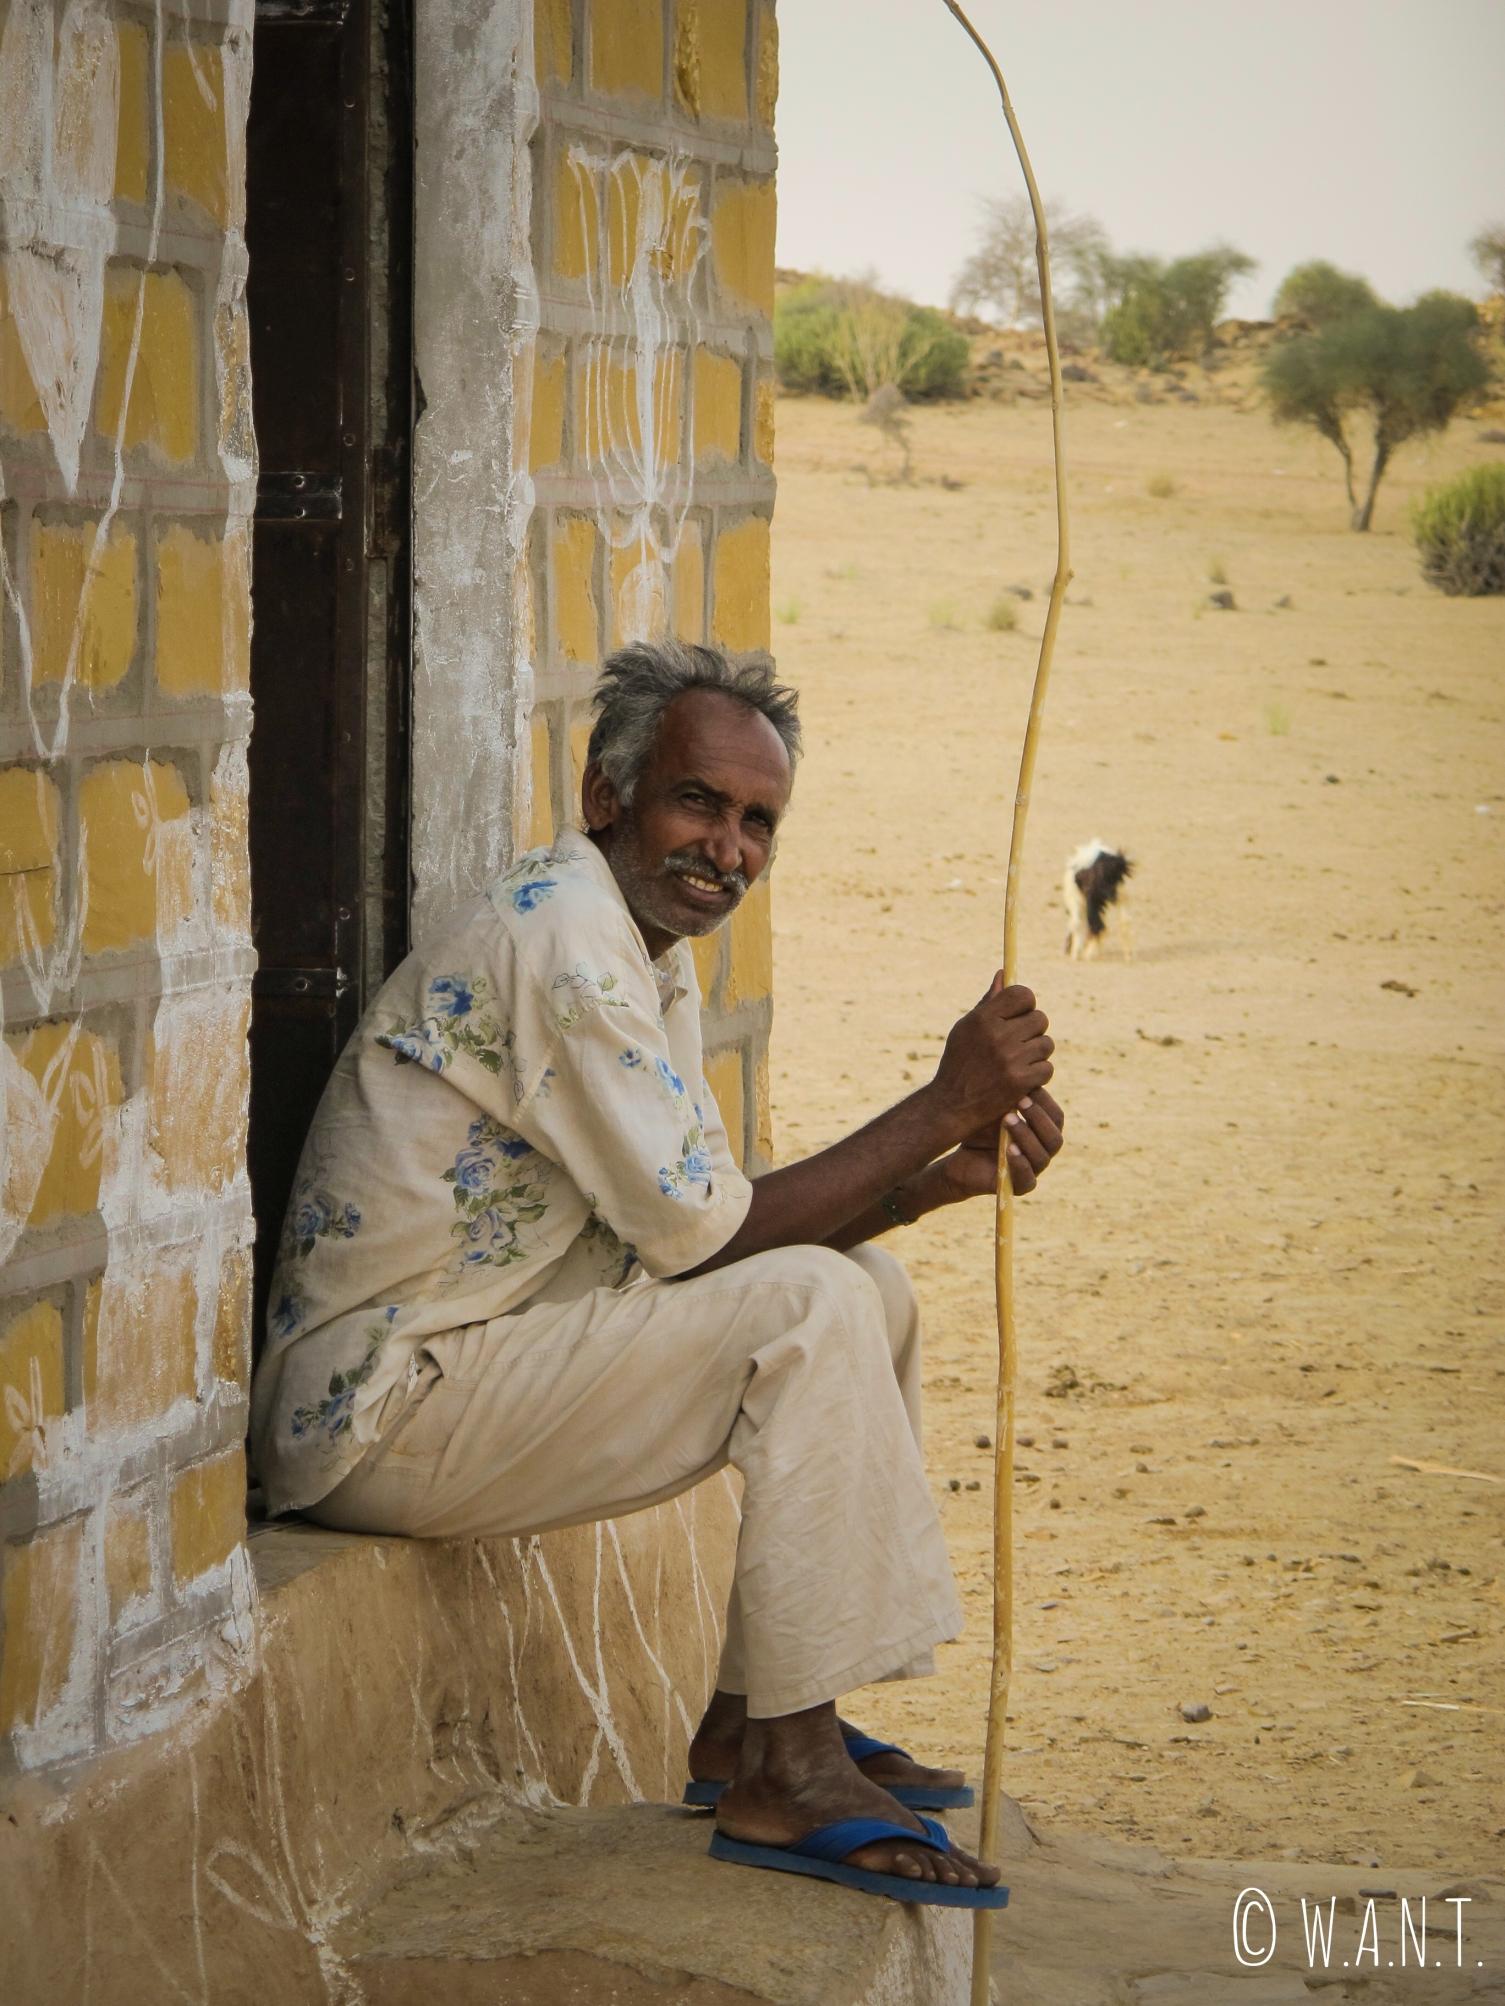 Petit arrêt dans le village de Barna, où cet homme surveille ses chèvres comme l'eau sur le feu